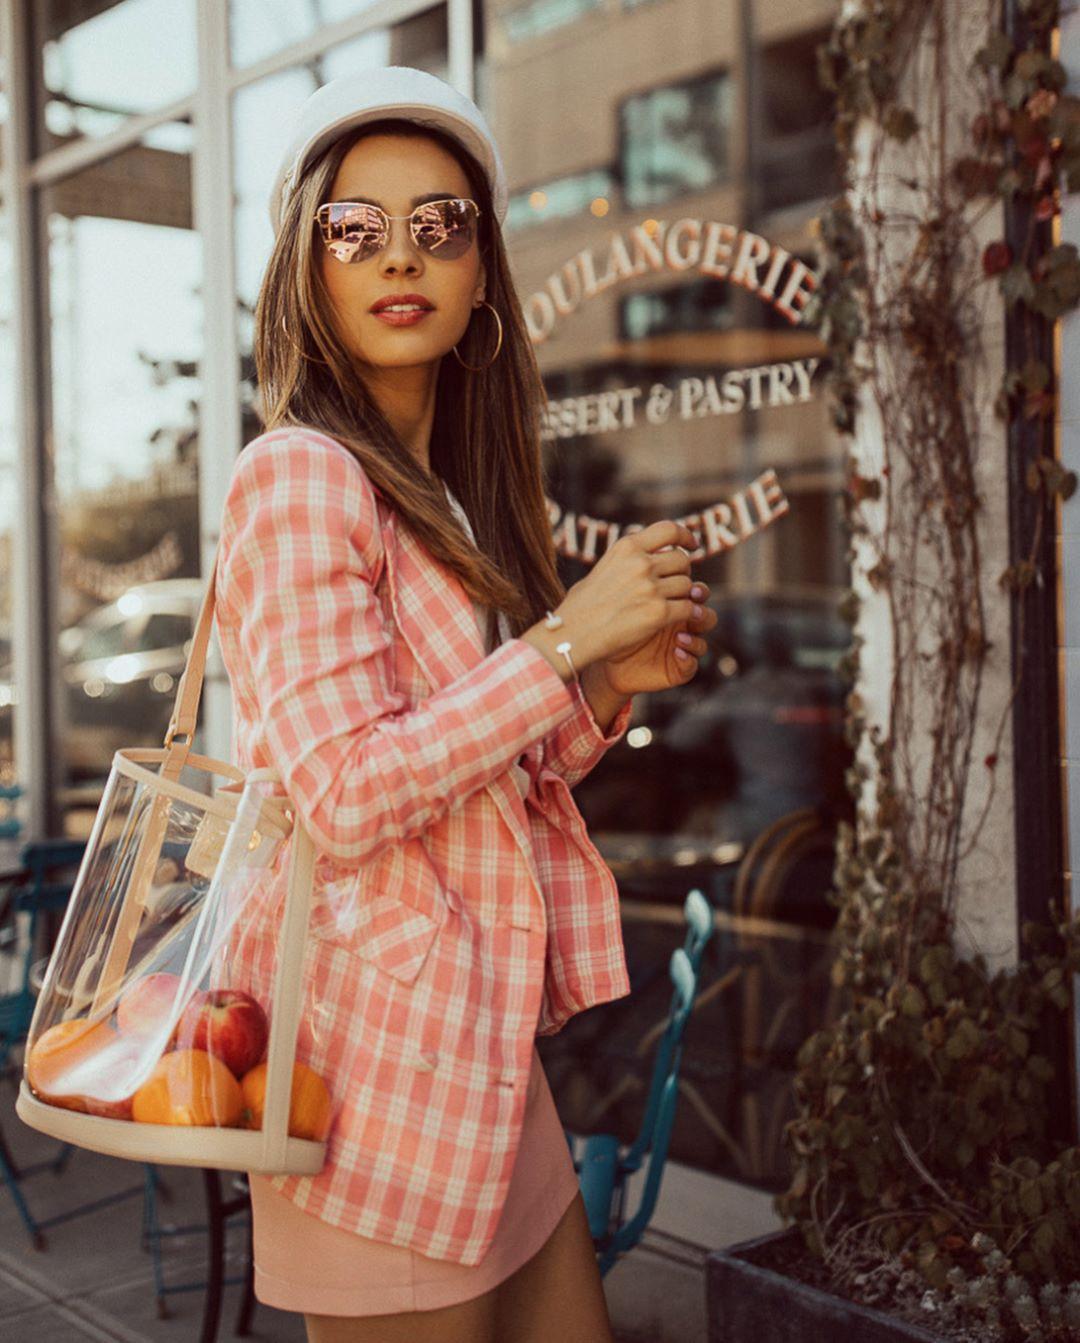 Уже непервый год прозрачные сумки завоевывают место всписке модных инеобычных аксессуаров. Тем более, что они гармонично вписываются почти влюбой образ. Важный нюанс – содержимое сумк...